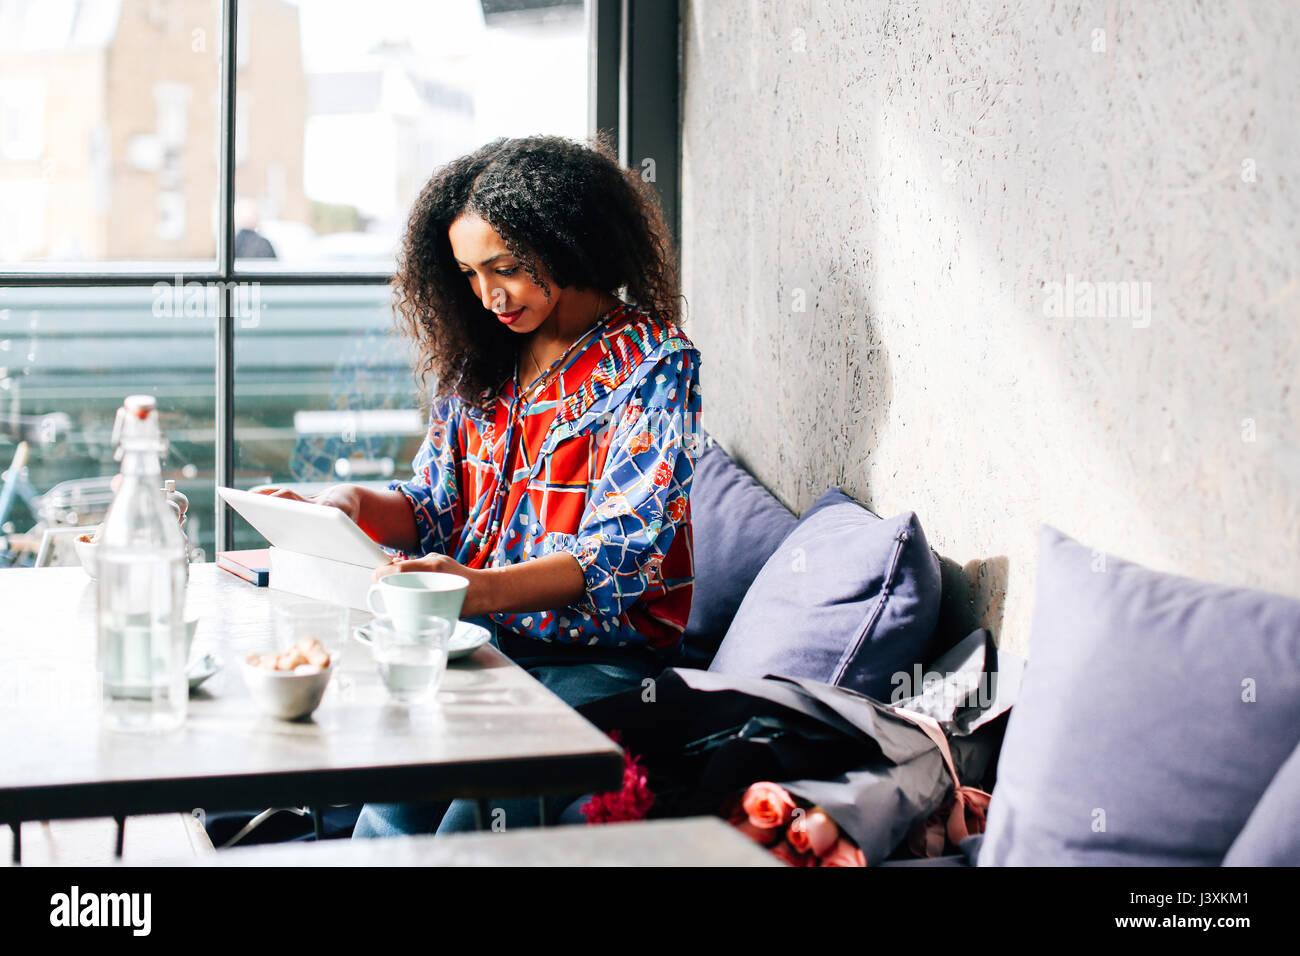 Metà donna adulta con tavoletta digitale in cafe Immagini Stock